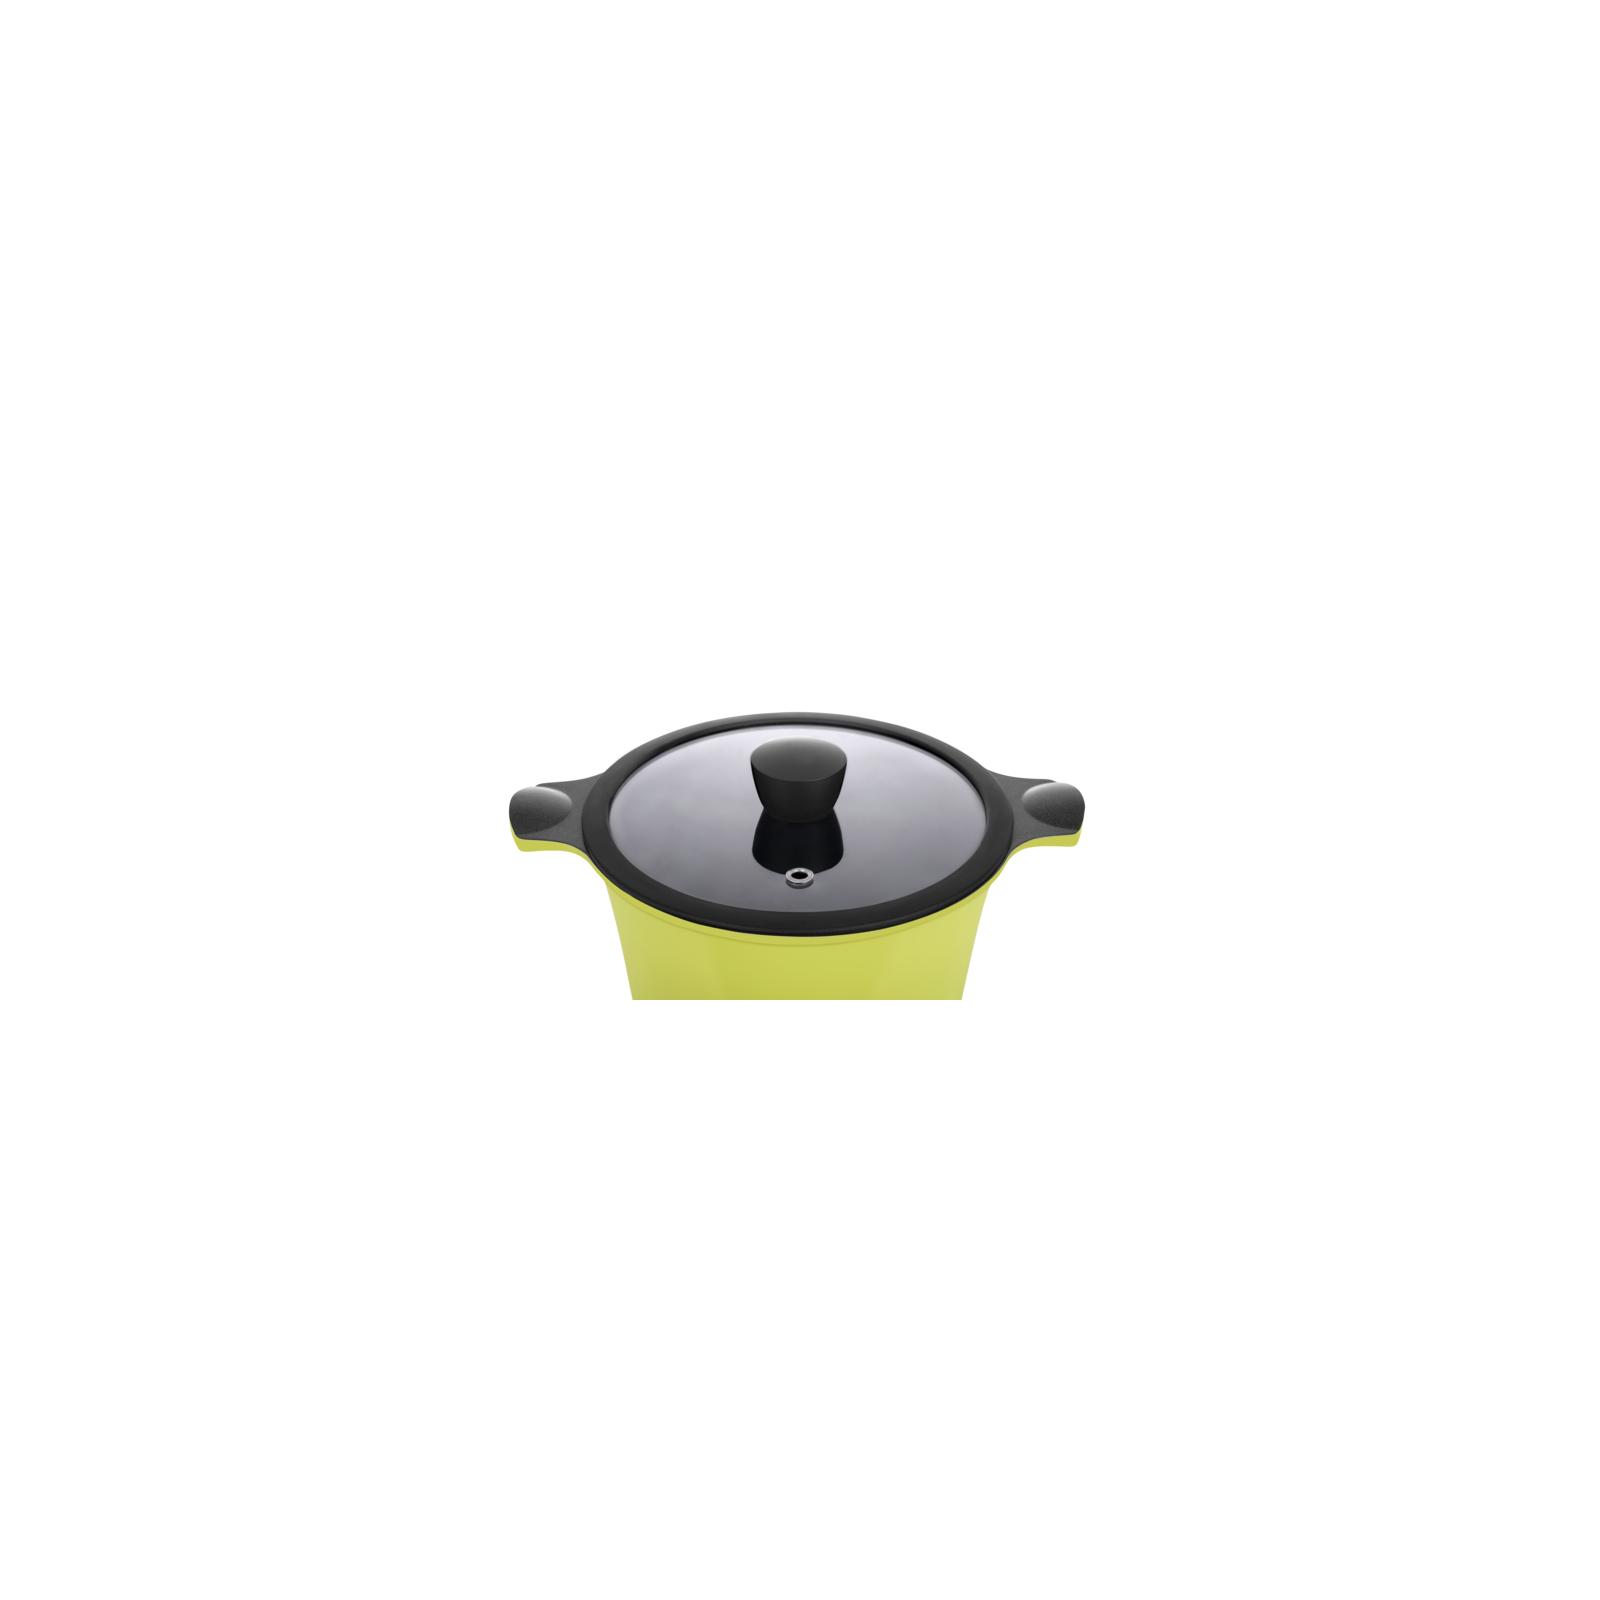 Кастрюля Ringel Zitrone black с крышкой 5,8 л (RG-2108-24/2 BL) изображение 4